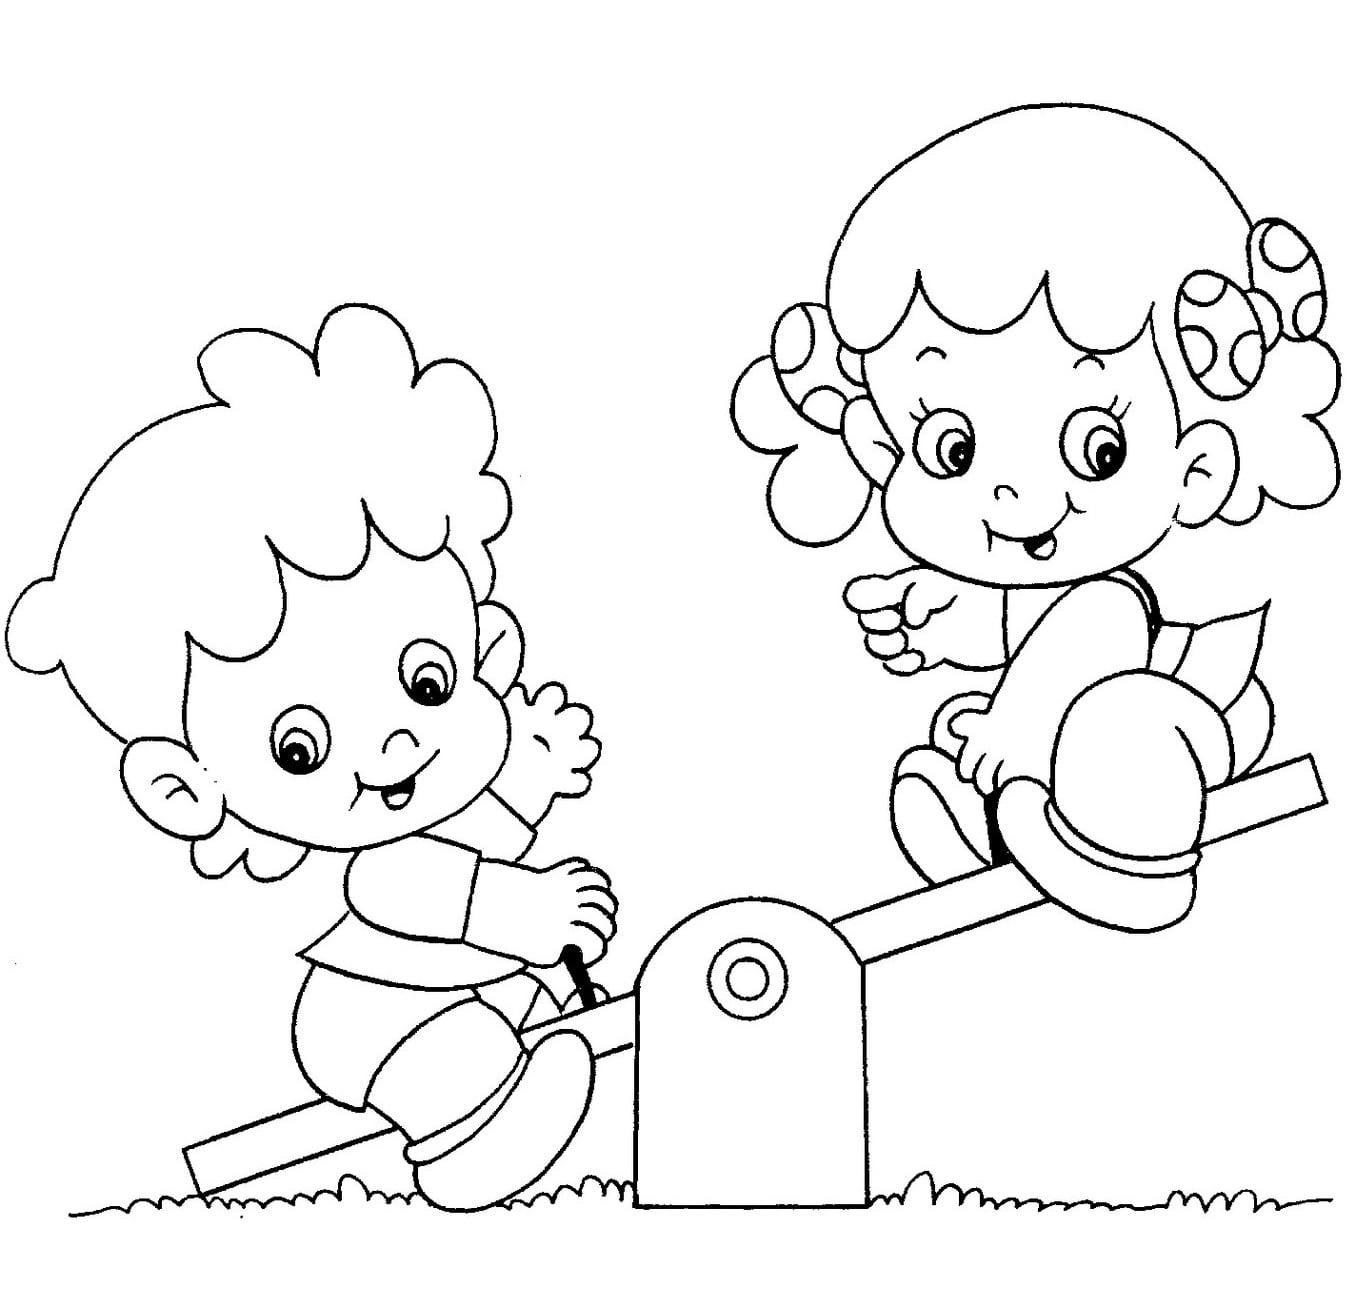 Desenho De Crianca Para Colorir